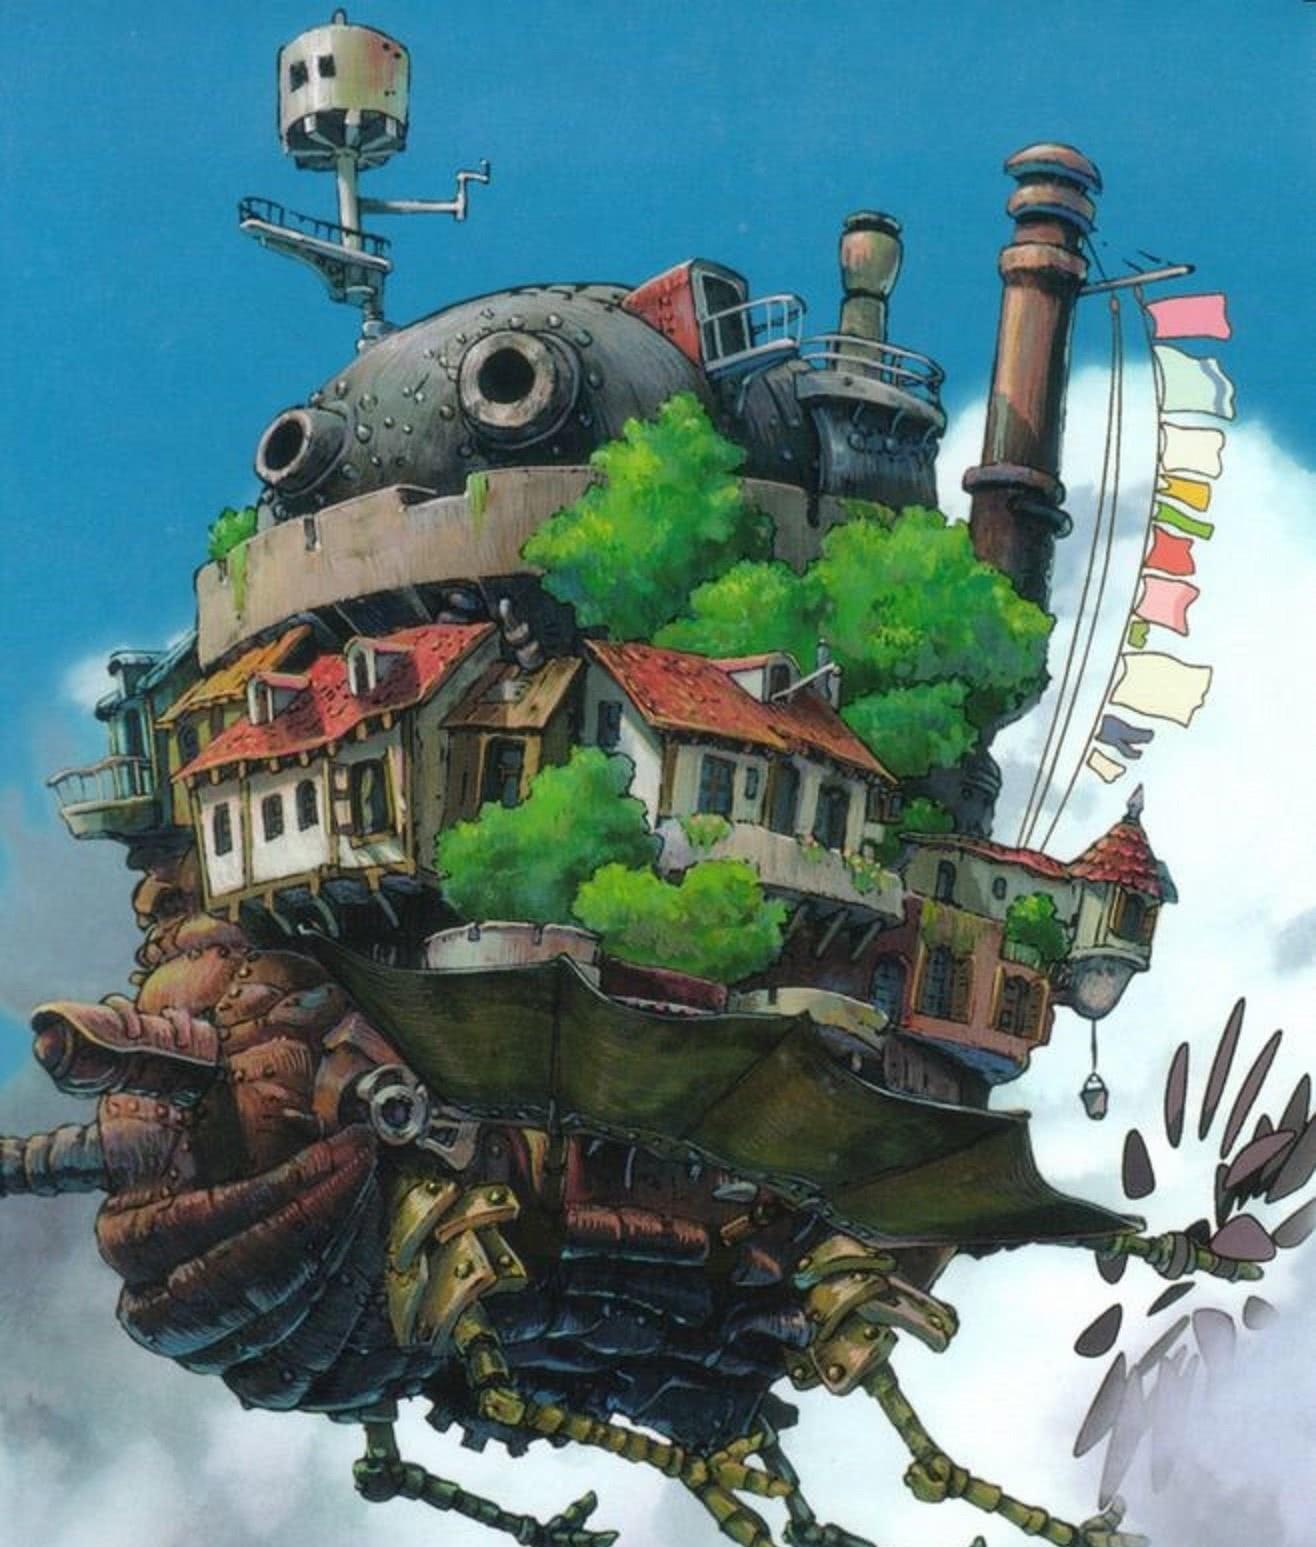 宫崎骏在《哈尔的移动城堡》中对生命的理解,返璞归真:爱与纯真